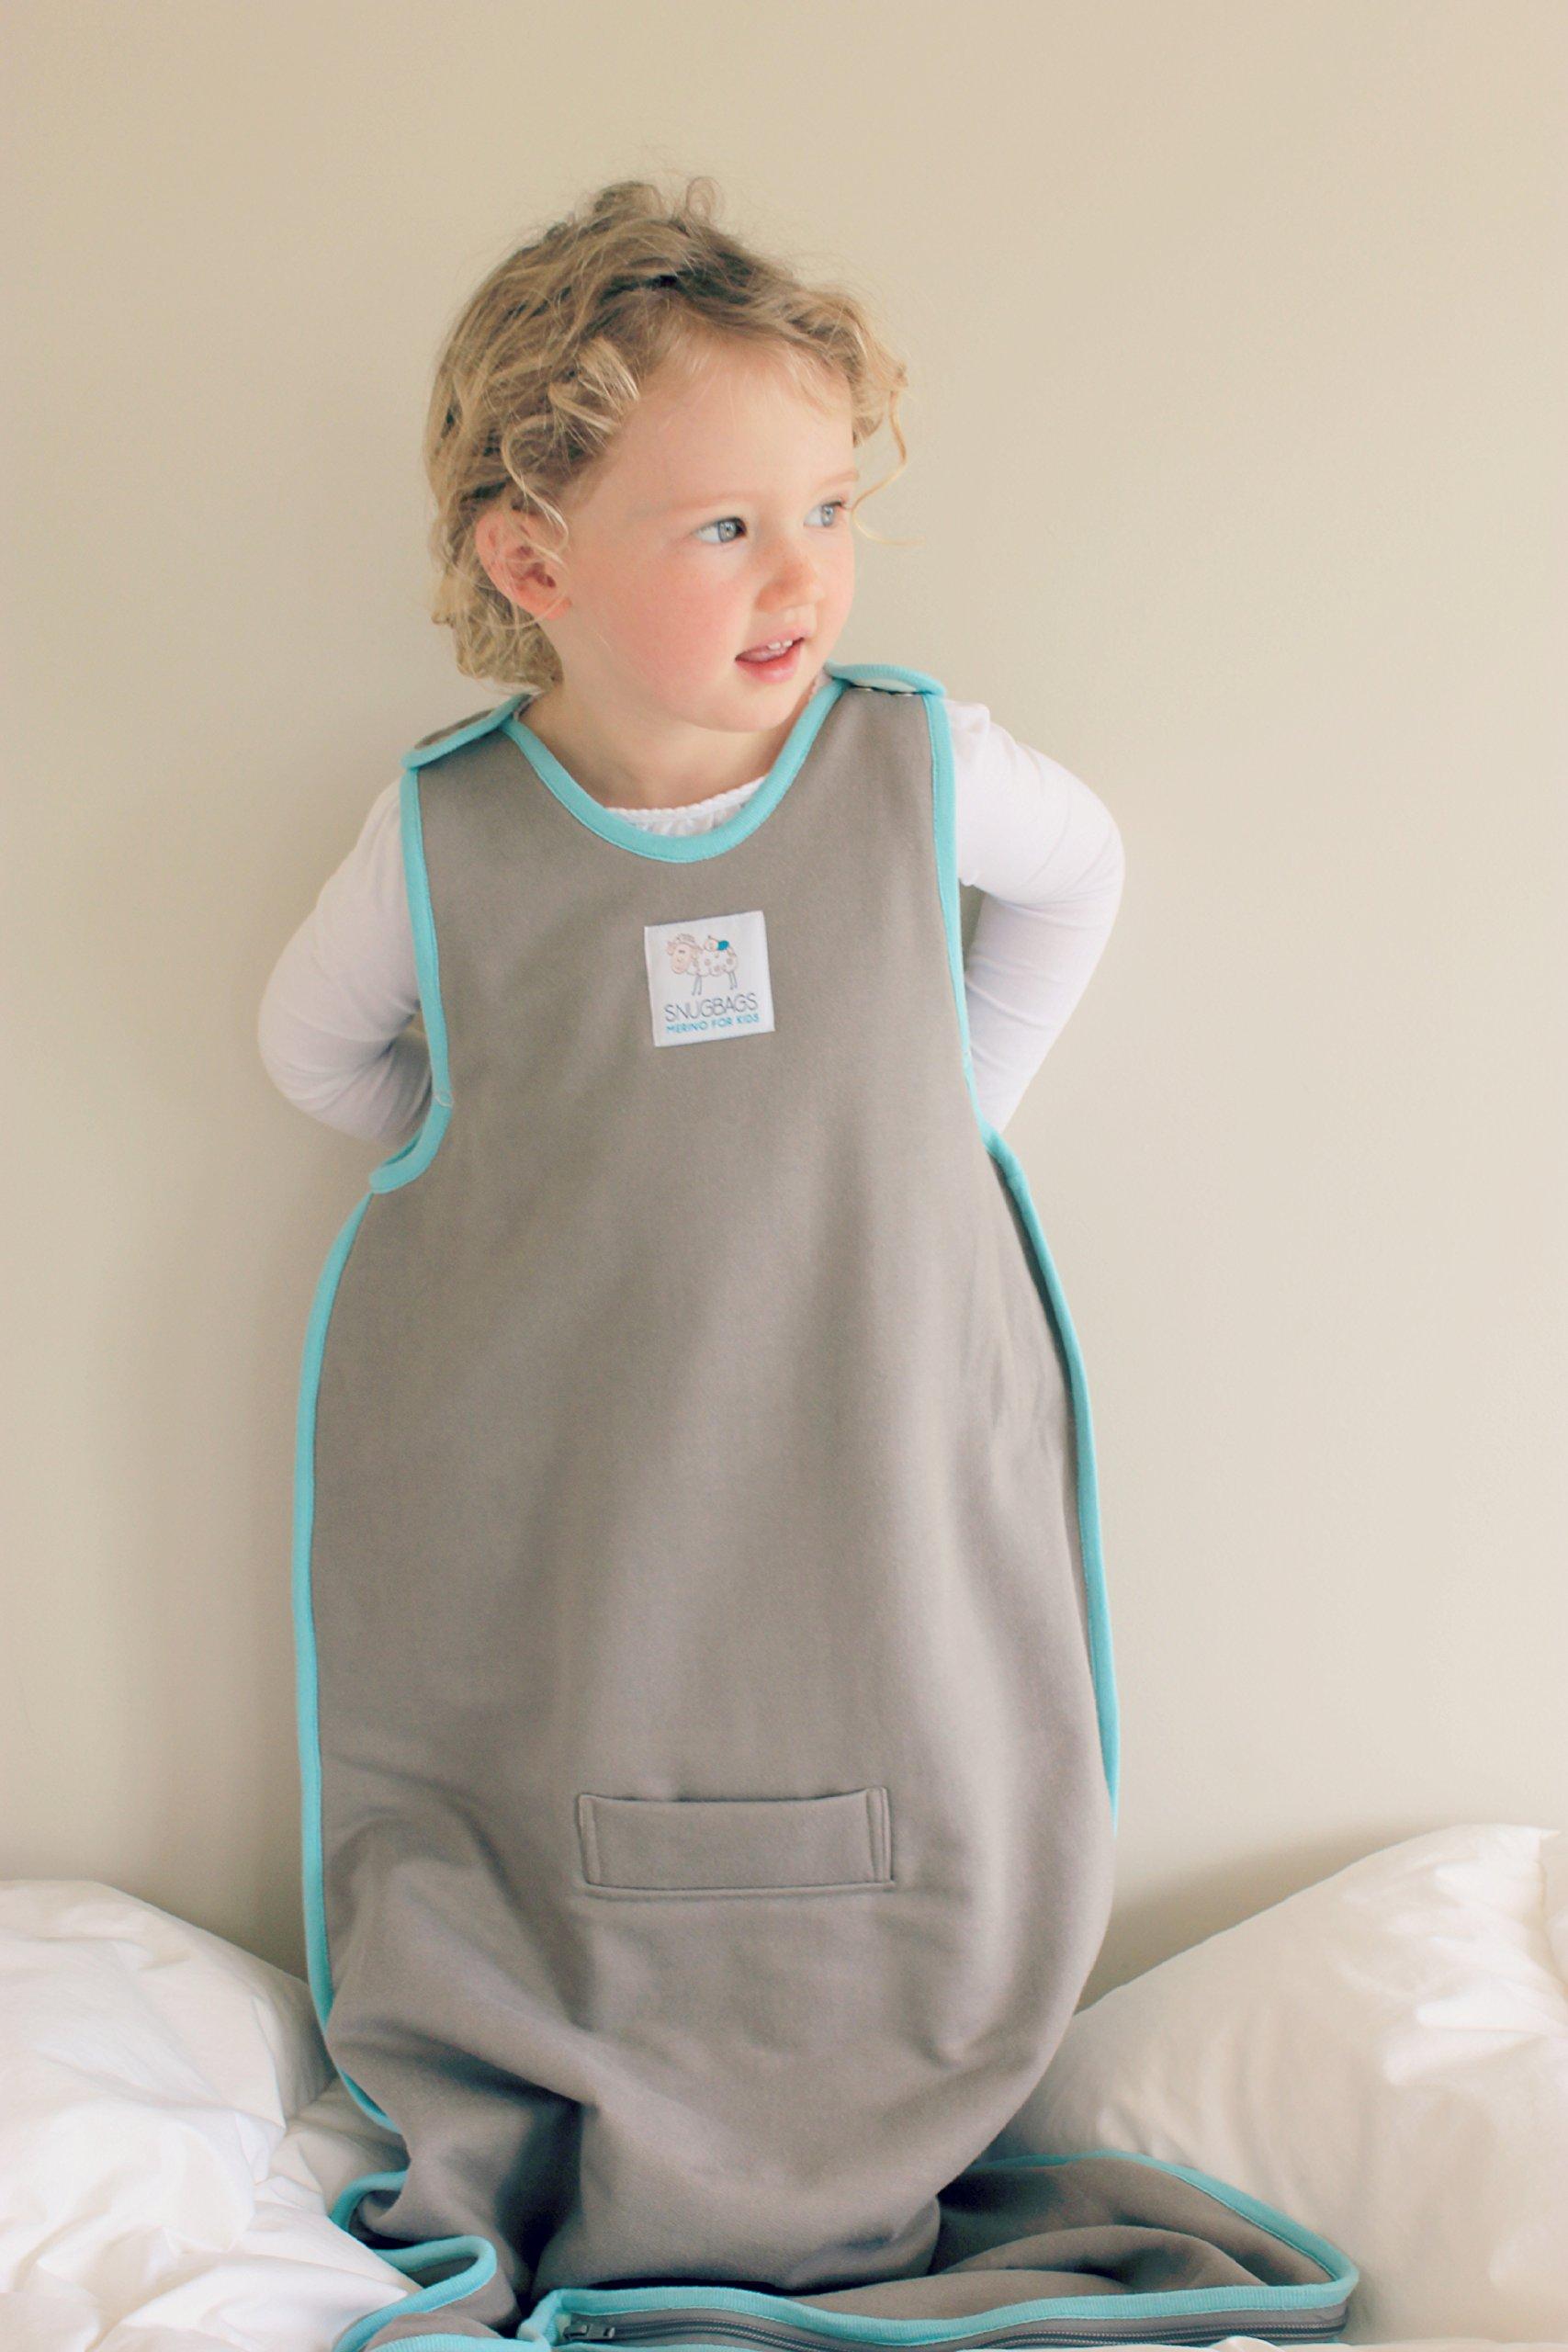 WINTER DUVET MERINO Toddler Sleep Sack / WINTER DUVET Merino Sleep Bag, 2-4 yrs old, Oatmeal